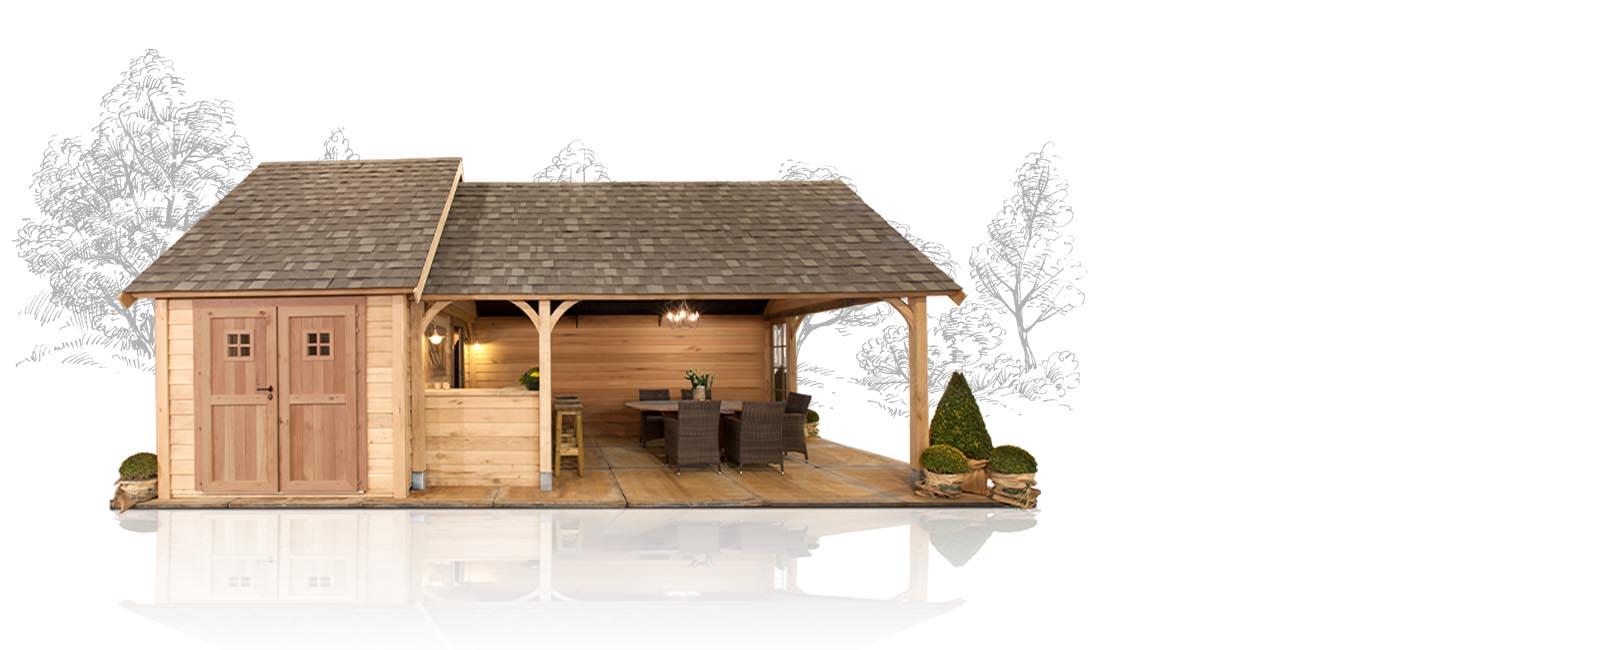 Abris De Jardin Design - Porte extensible Spacy | Grosfillex